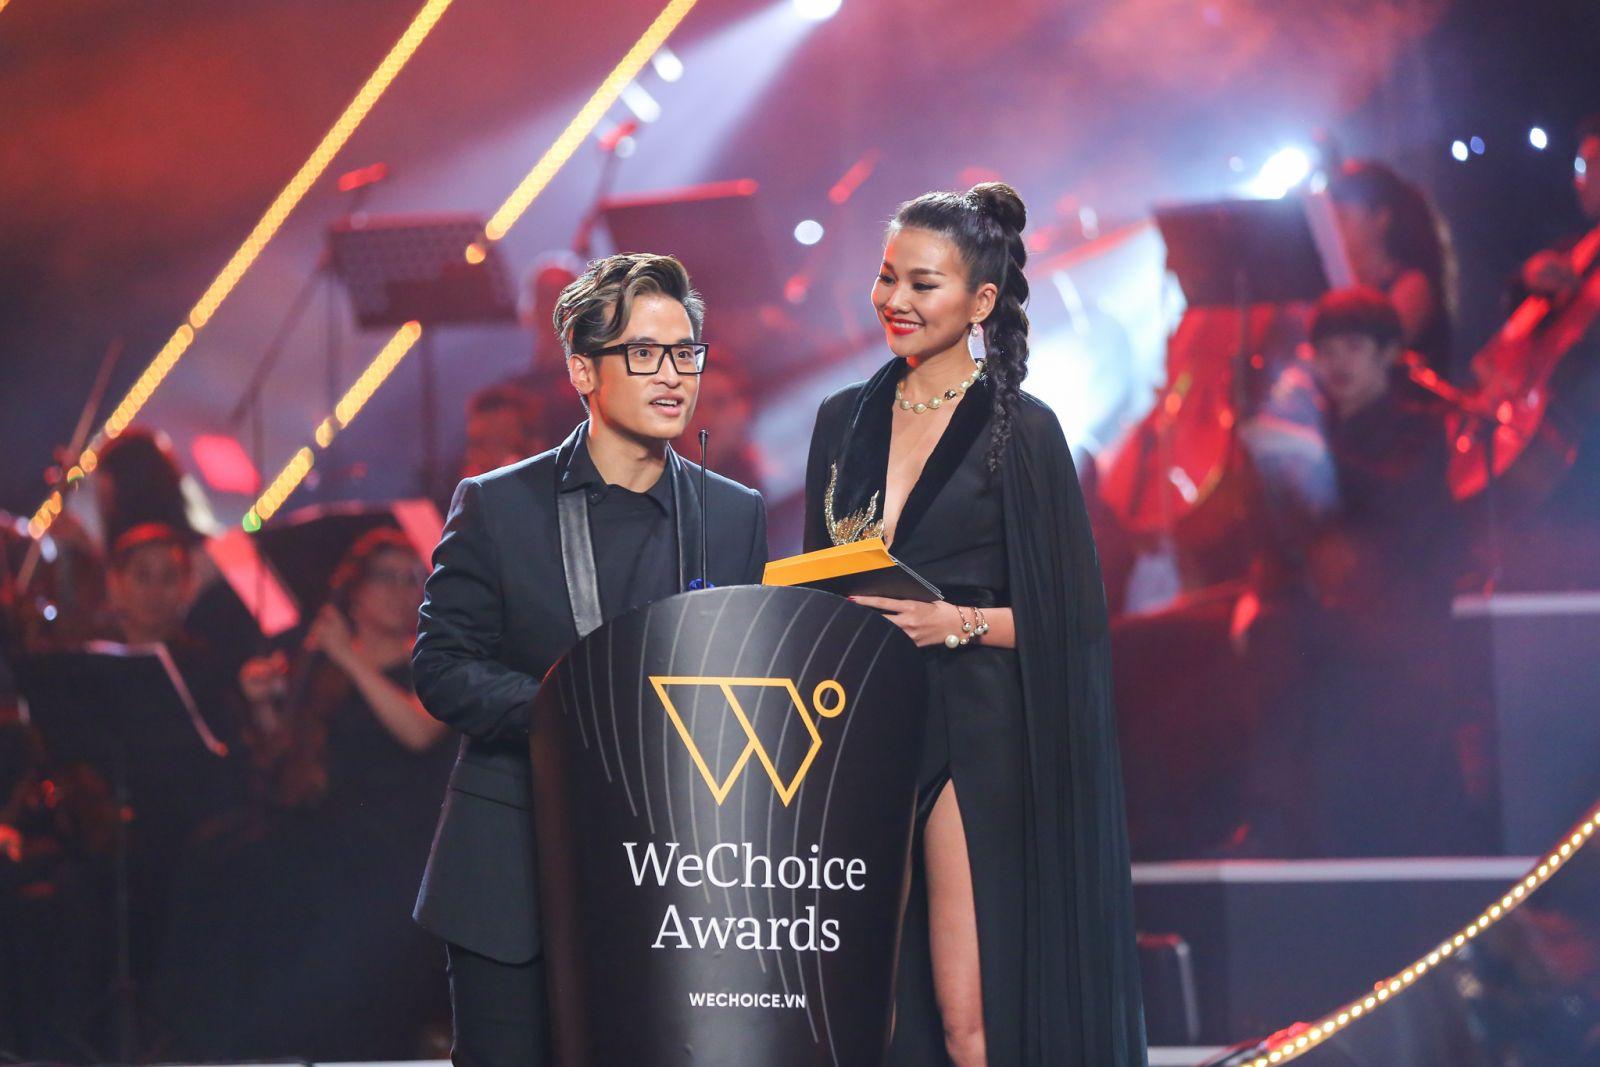 Thanh Hằng: Sau giải thưởng WeChoice, tôi muốn hoạt động xã hội nhiều hơn! - Ảnh 6.